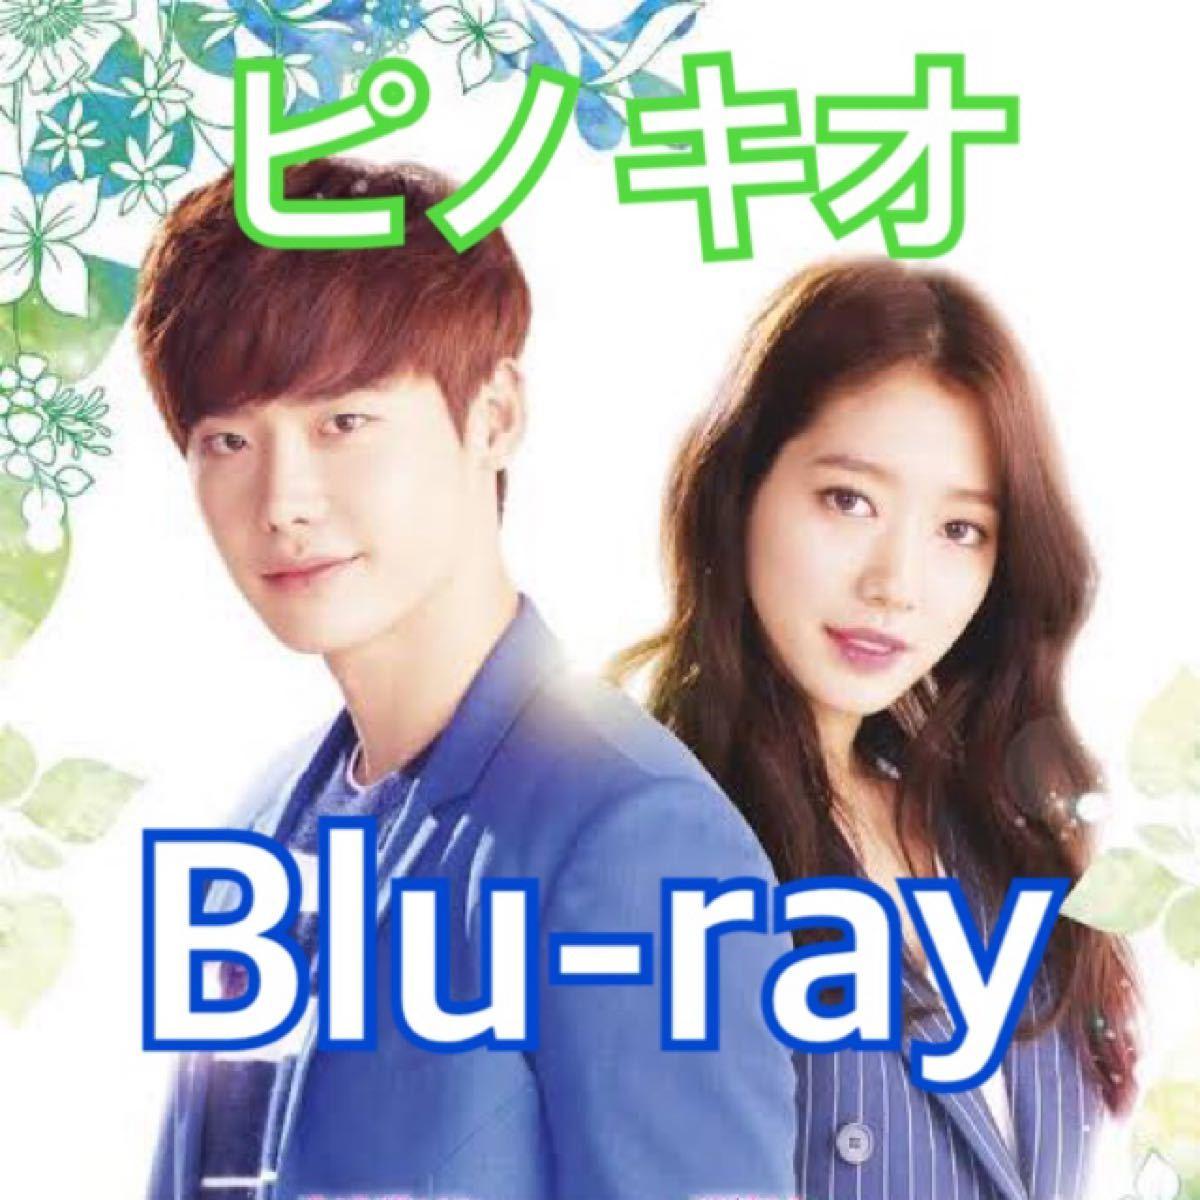 韓国ドラマ ピノキオ Blu-ray